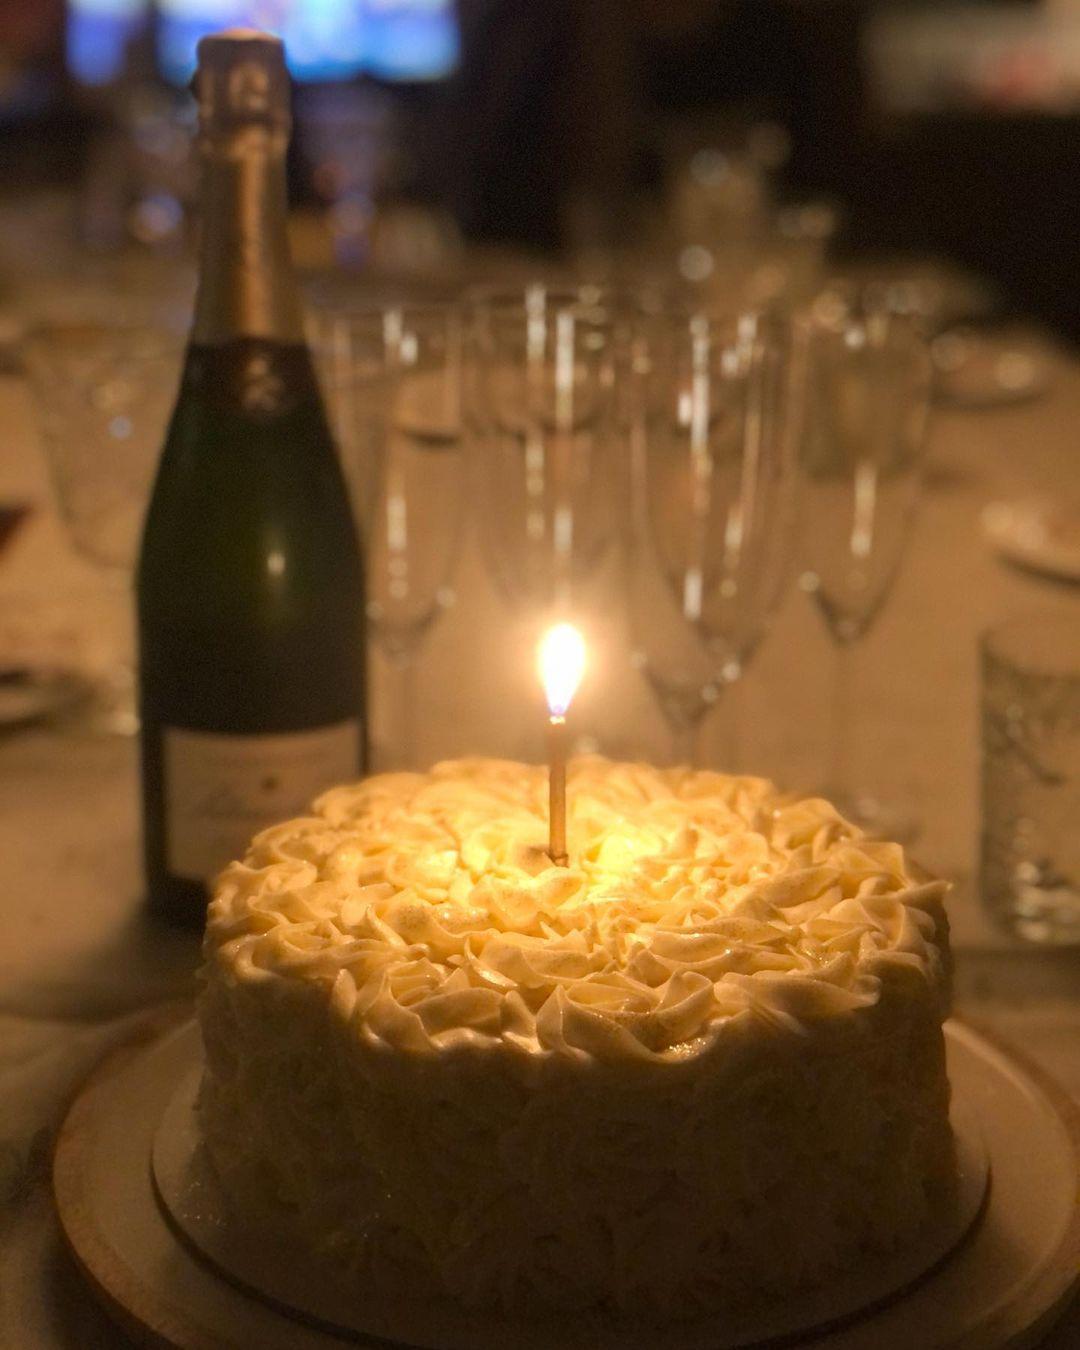 Η Έλενα Παπαρίζου είχε γενέθλια και τα γιόρτασε στην αγκαλιά του σύζυγού της! (εικόνες)